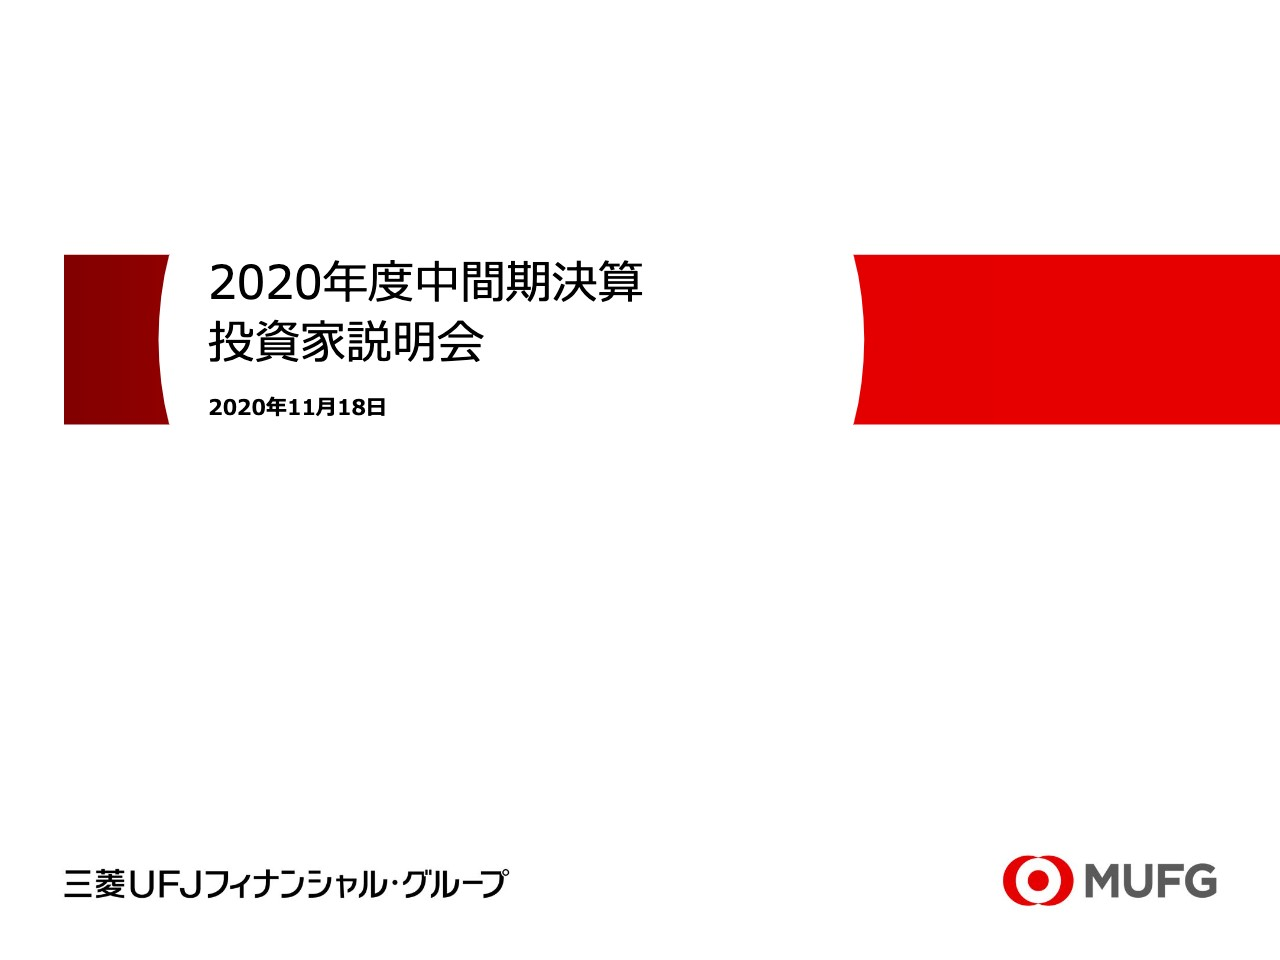 三菱UFJフィナンシャルG、中間純利益の進捗率72.9%をふまえ、通期業績目標も上方修正